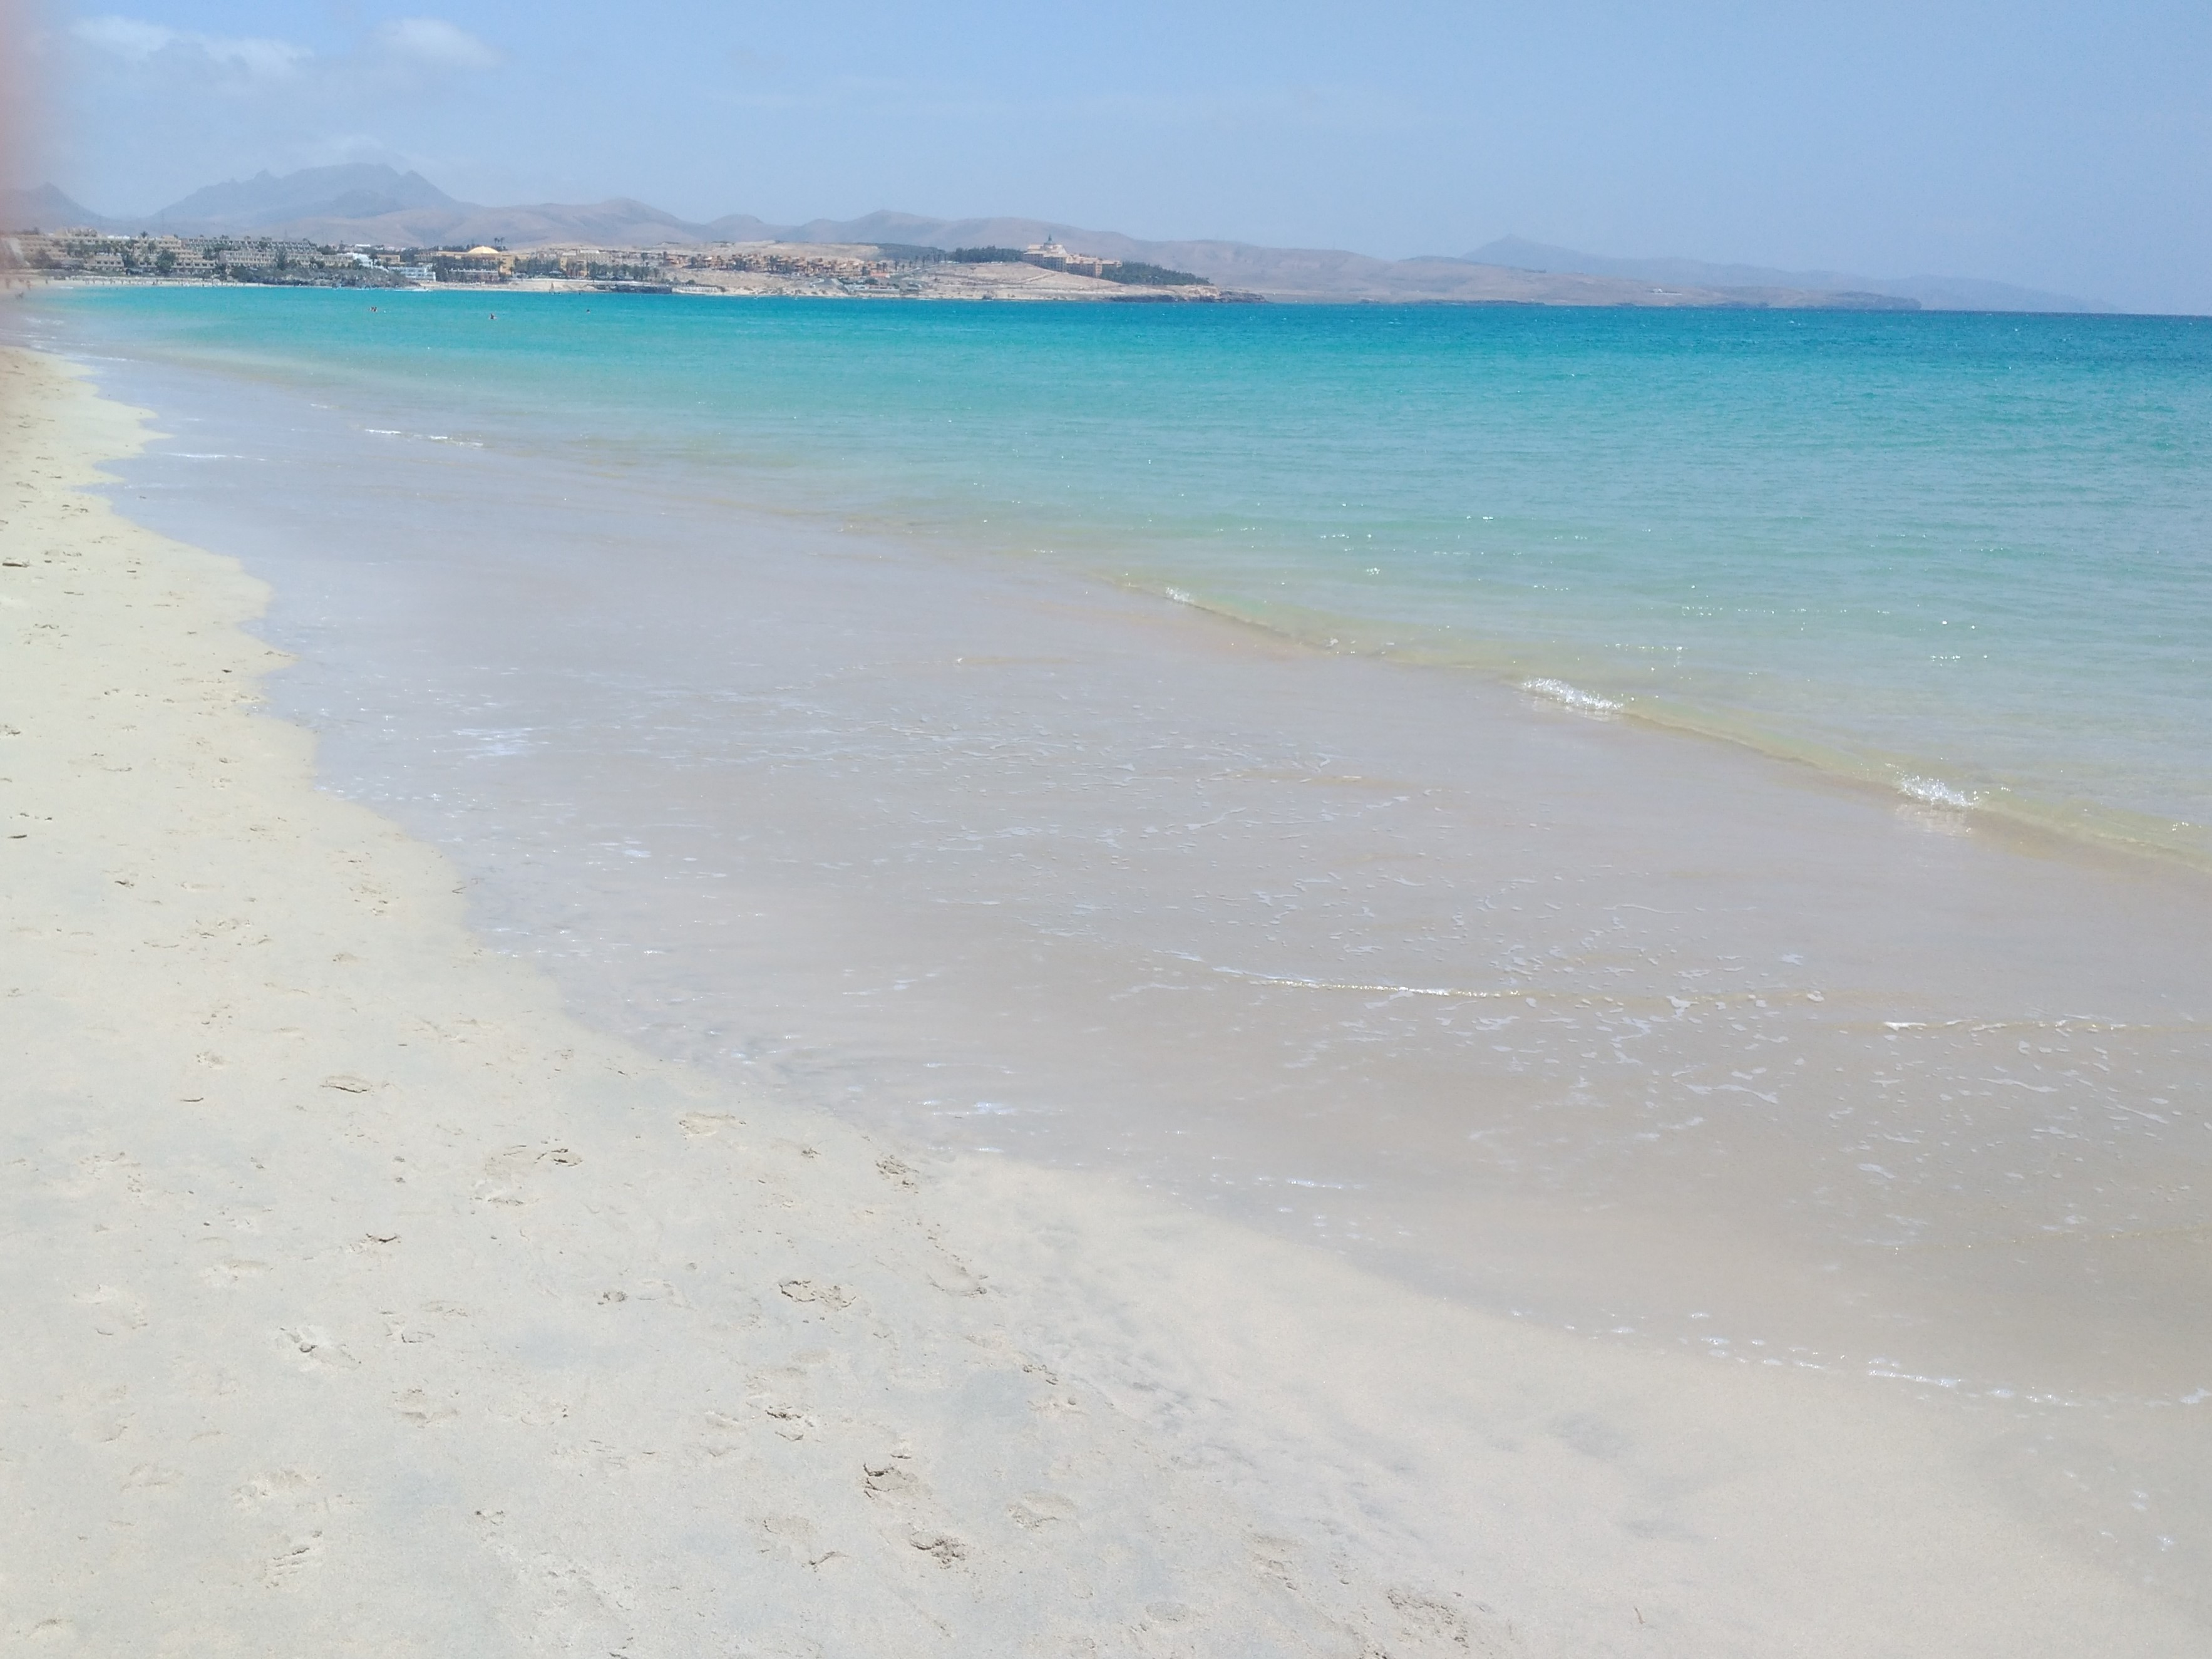 Ferienwohnung Apartment in Strandnhe mit groer Terrasse, Wlan und Parkplatz (2628896), Costa Calma, Fuerteventura, Kanarische Inseln, Spanien, Bild 35